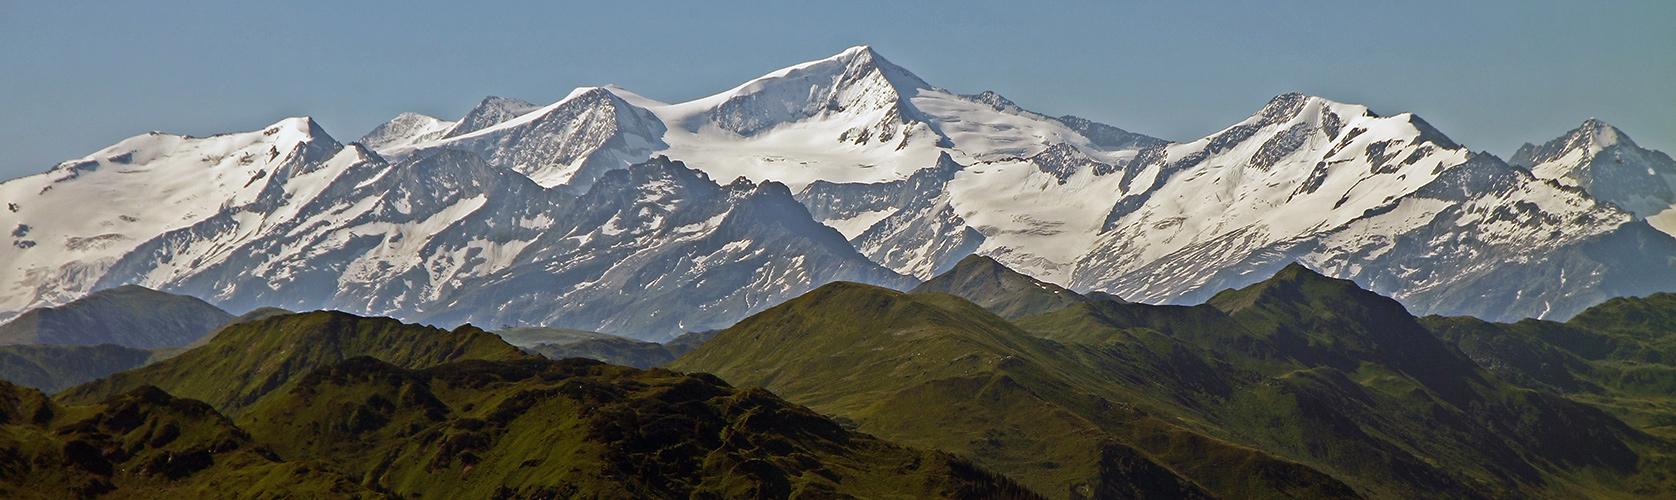 Teleaufnahme zum Großvenediger 3664m und in 41km Entfernung von der Hohen Salve Tirol